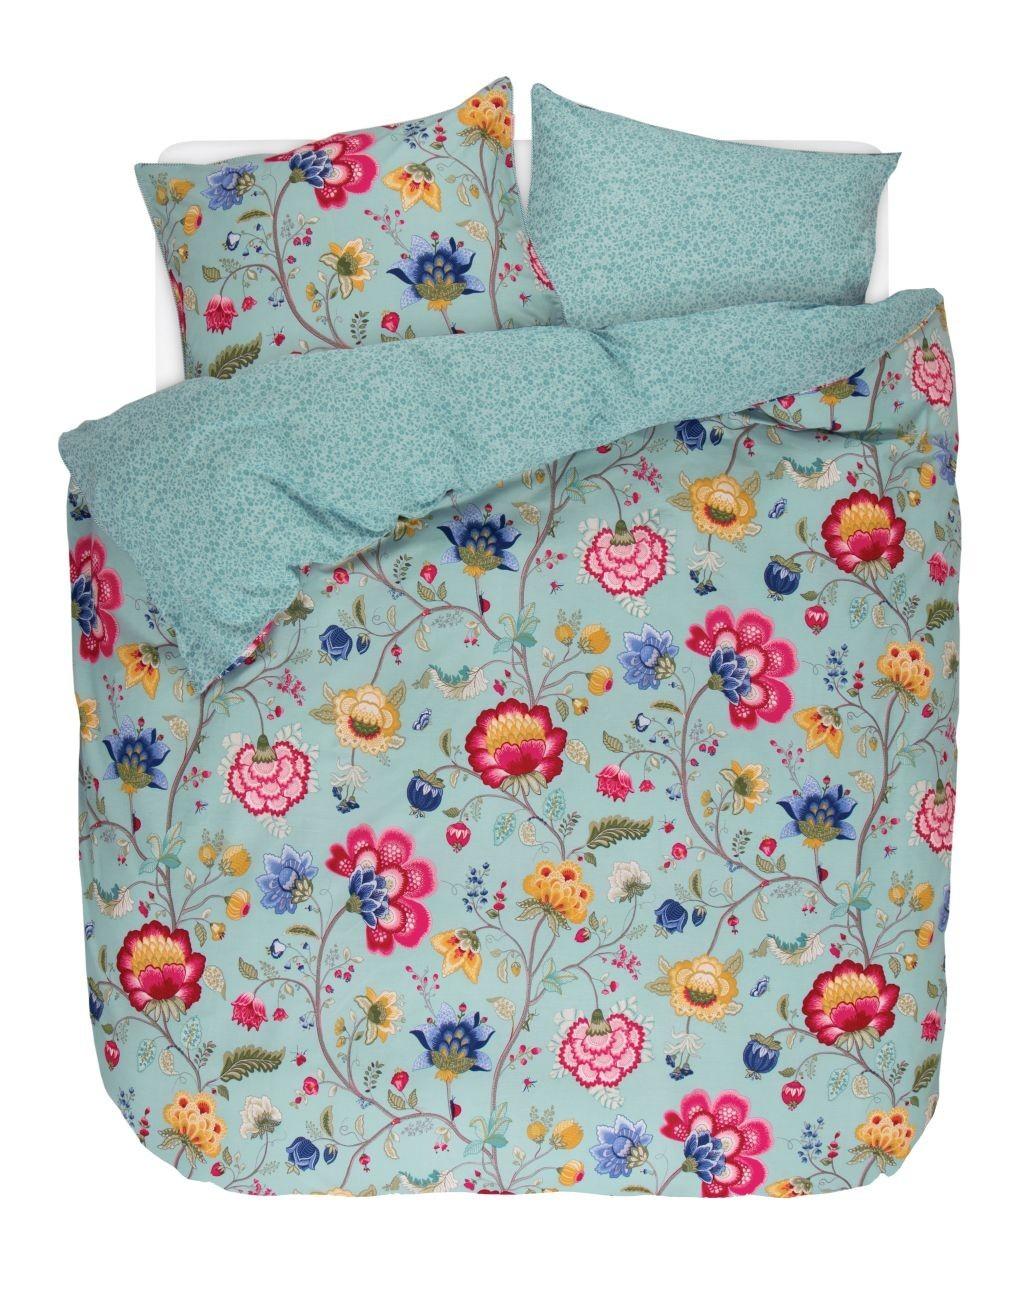 pip studio floral fantasy perkal bettw sche online kaufen bei woonio. Black Bedroom Furniture Sets. Home Design Ideas